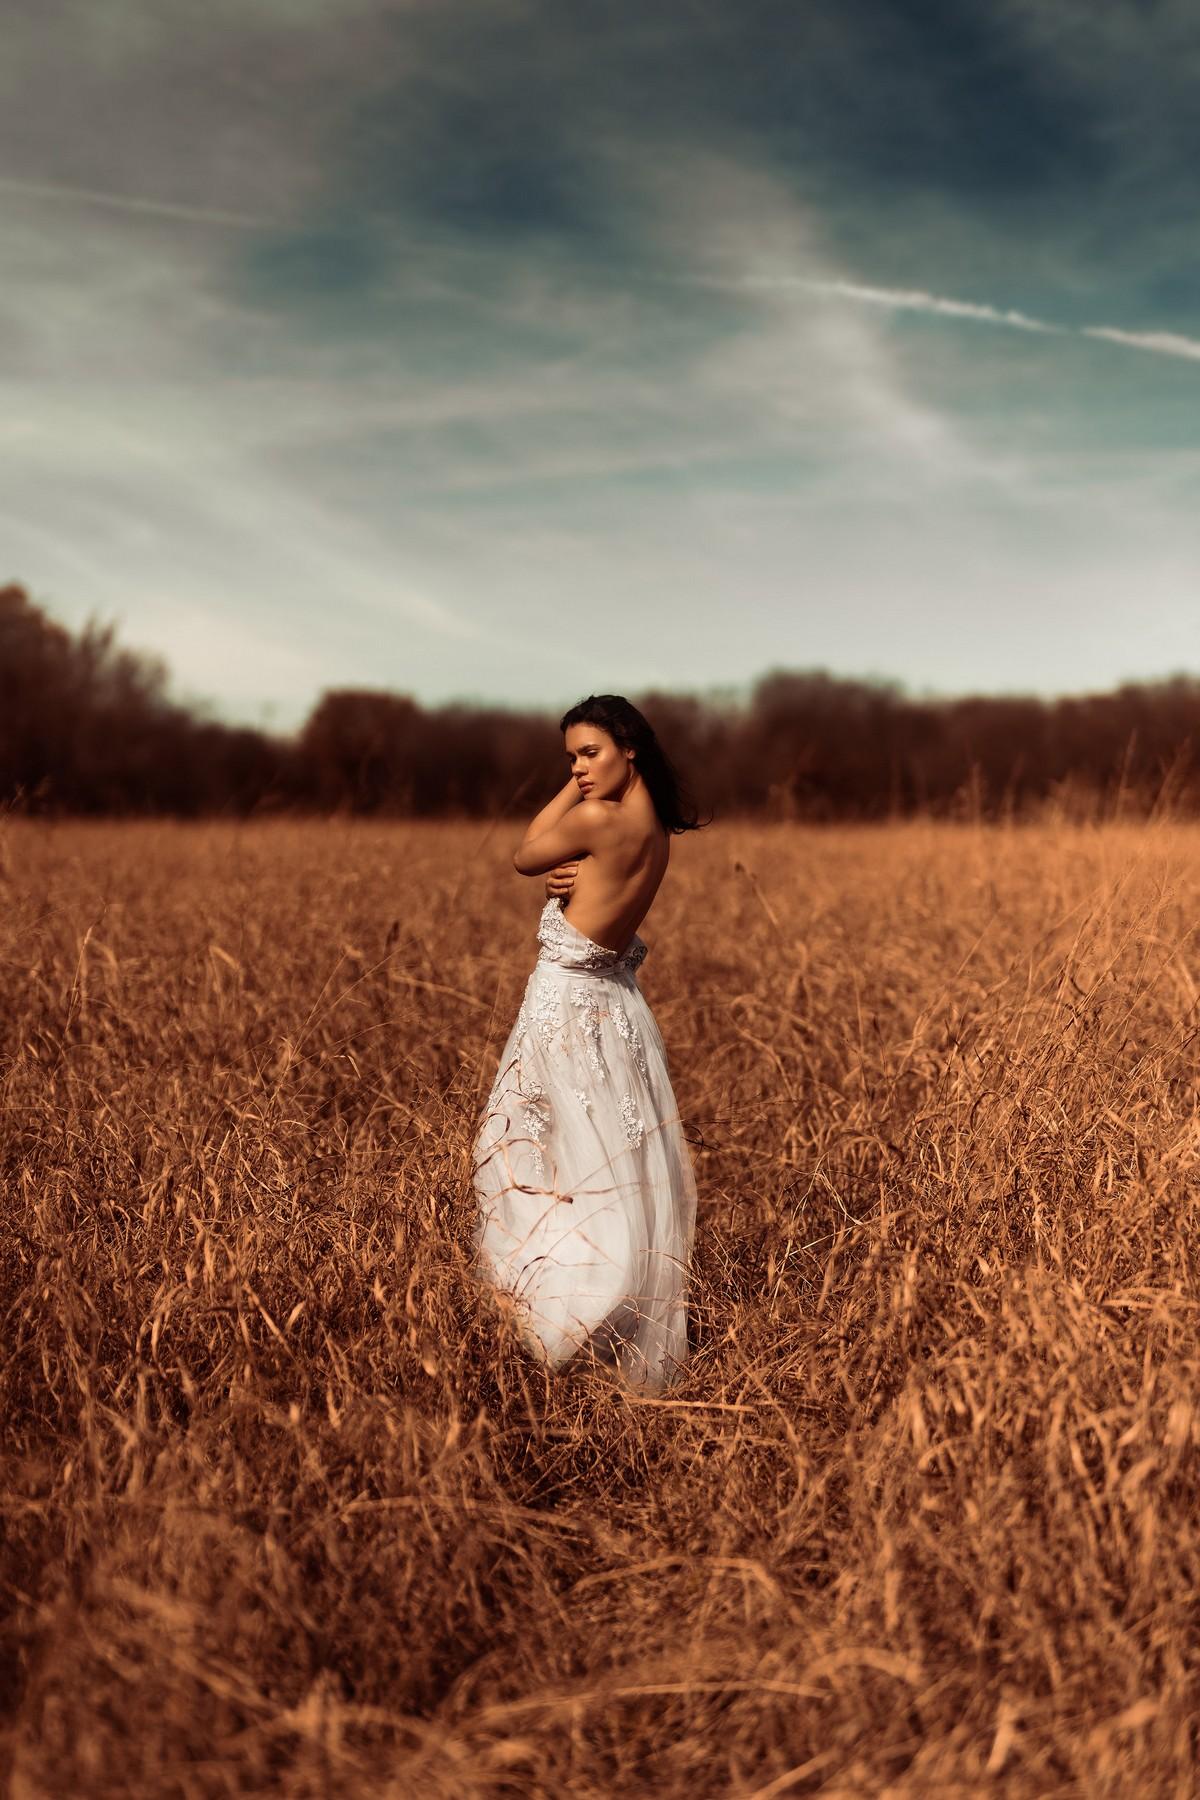 Чувственные снимки девушек от Адольфо Варелы